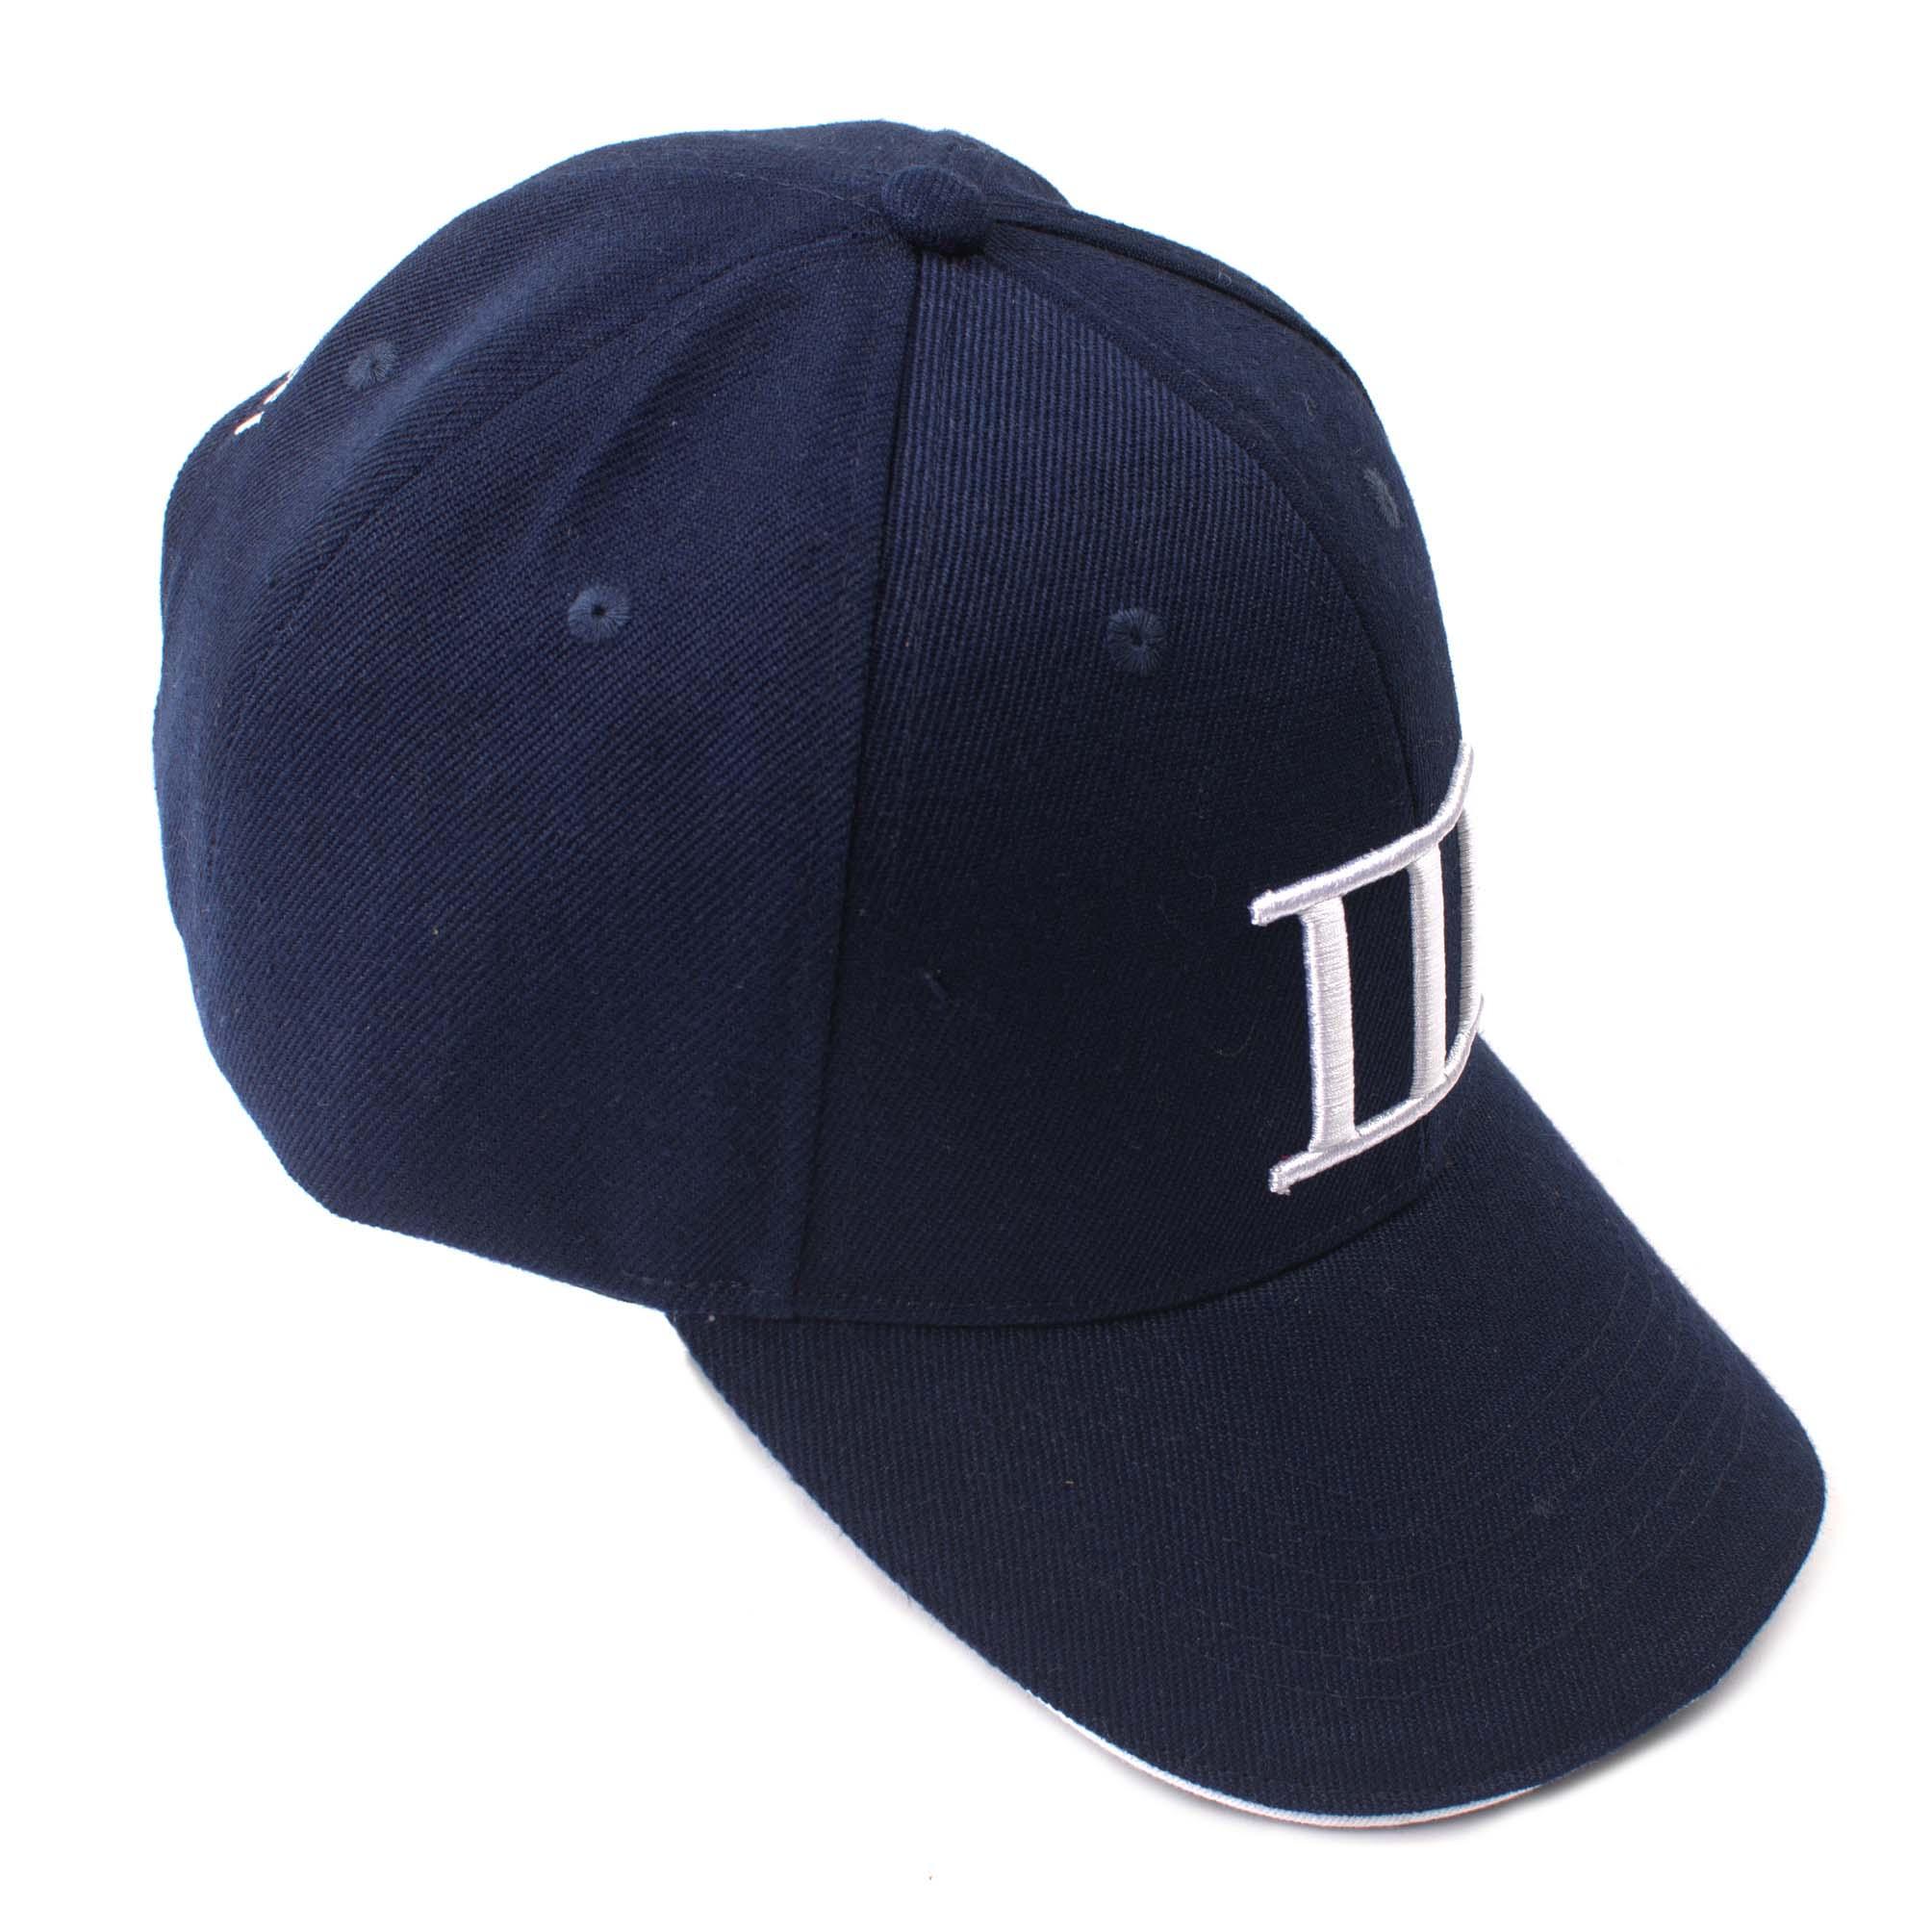 Navy Tresanti branded cap